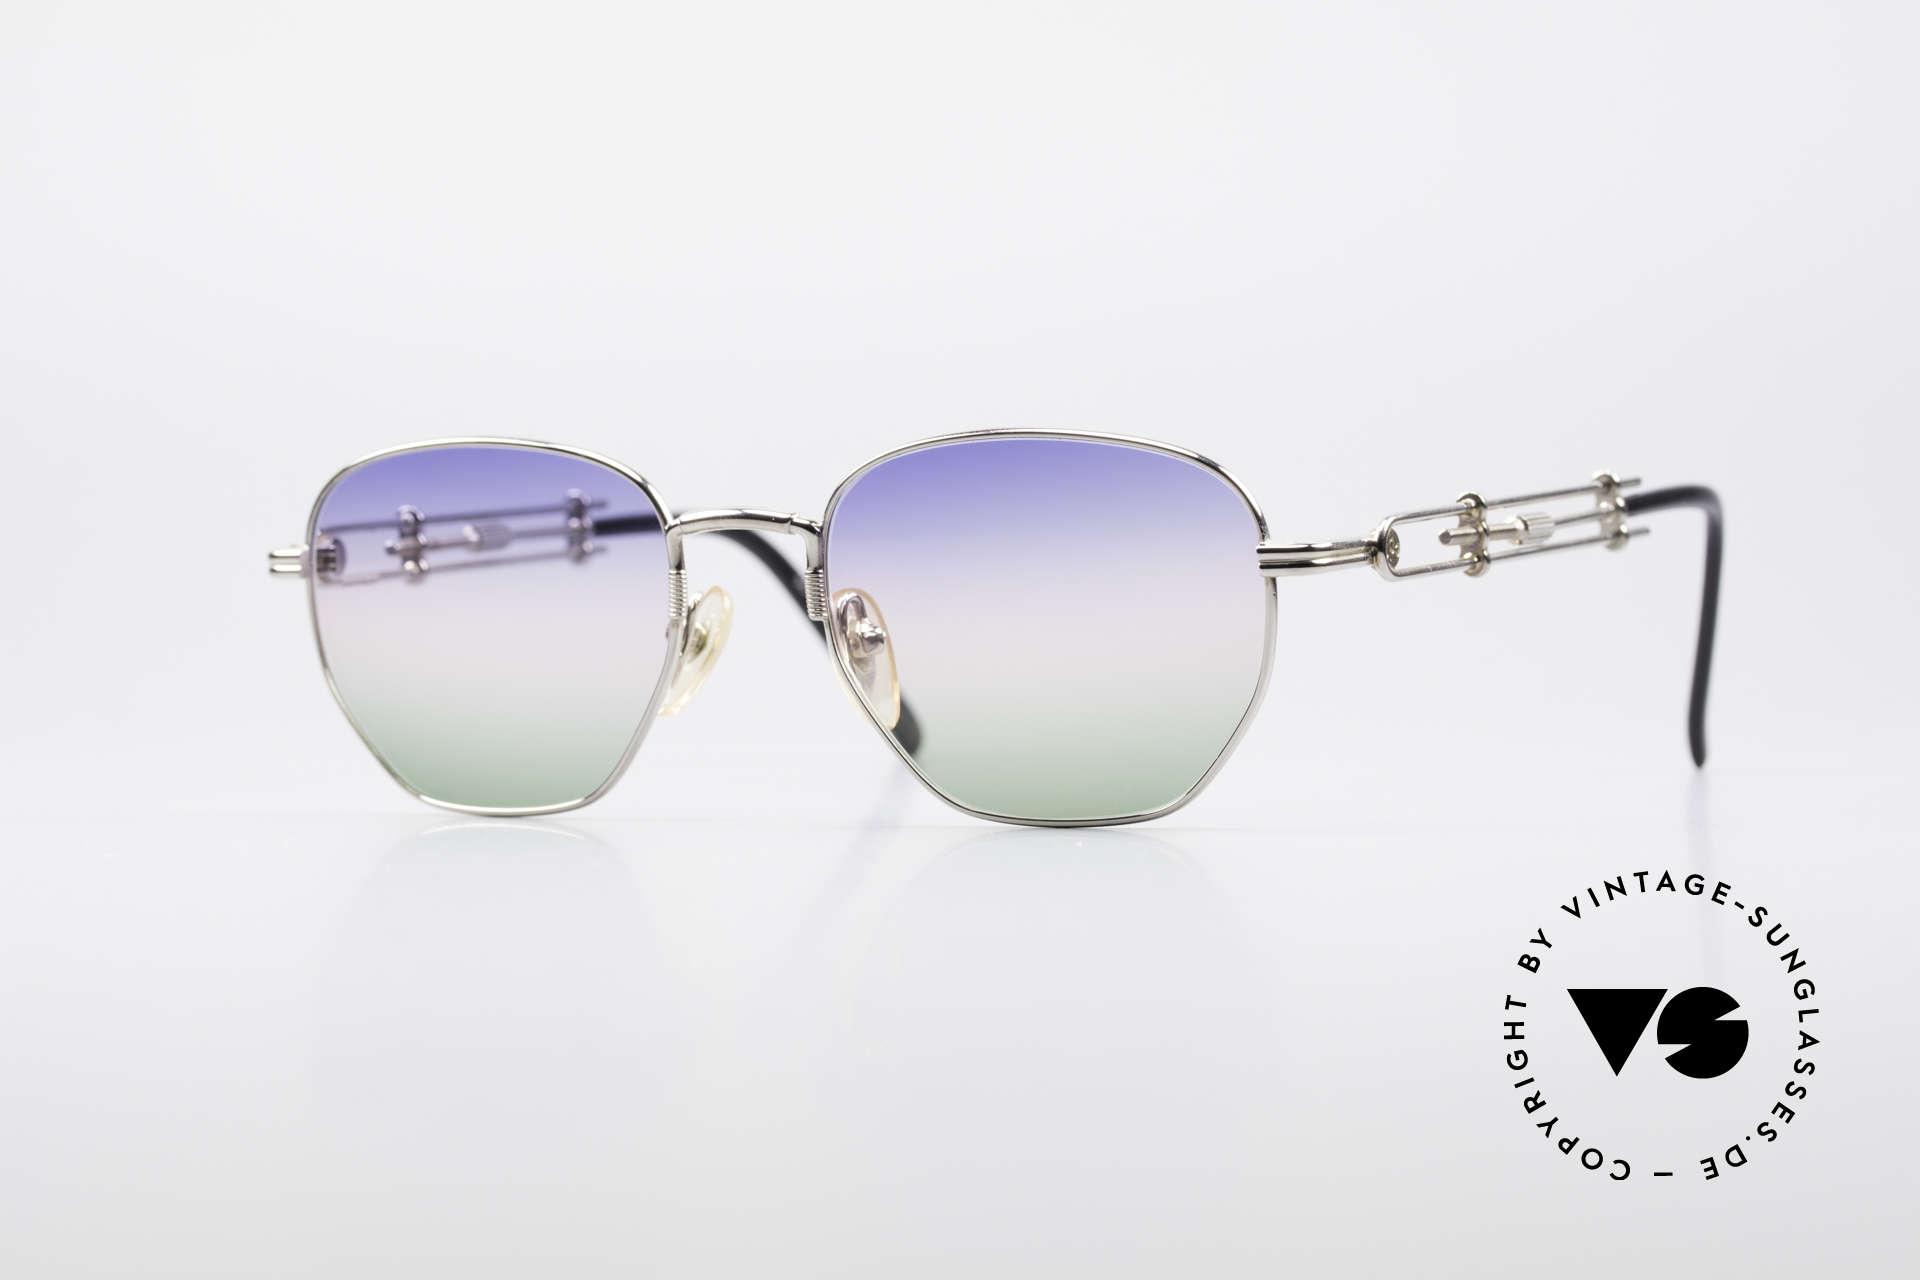 Jean Paul Gaultier 55-4174 Einstellbare Vintage Brille, einzigartige Designer-Sonnenbrille von J.P. GAULTIER, Passend für Herren und Damen